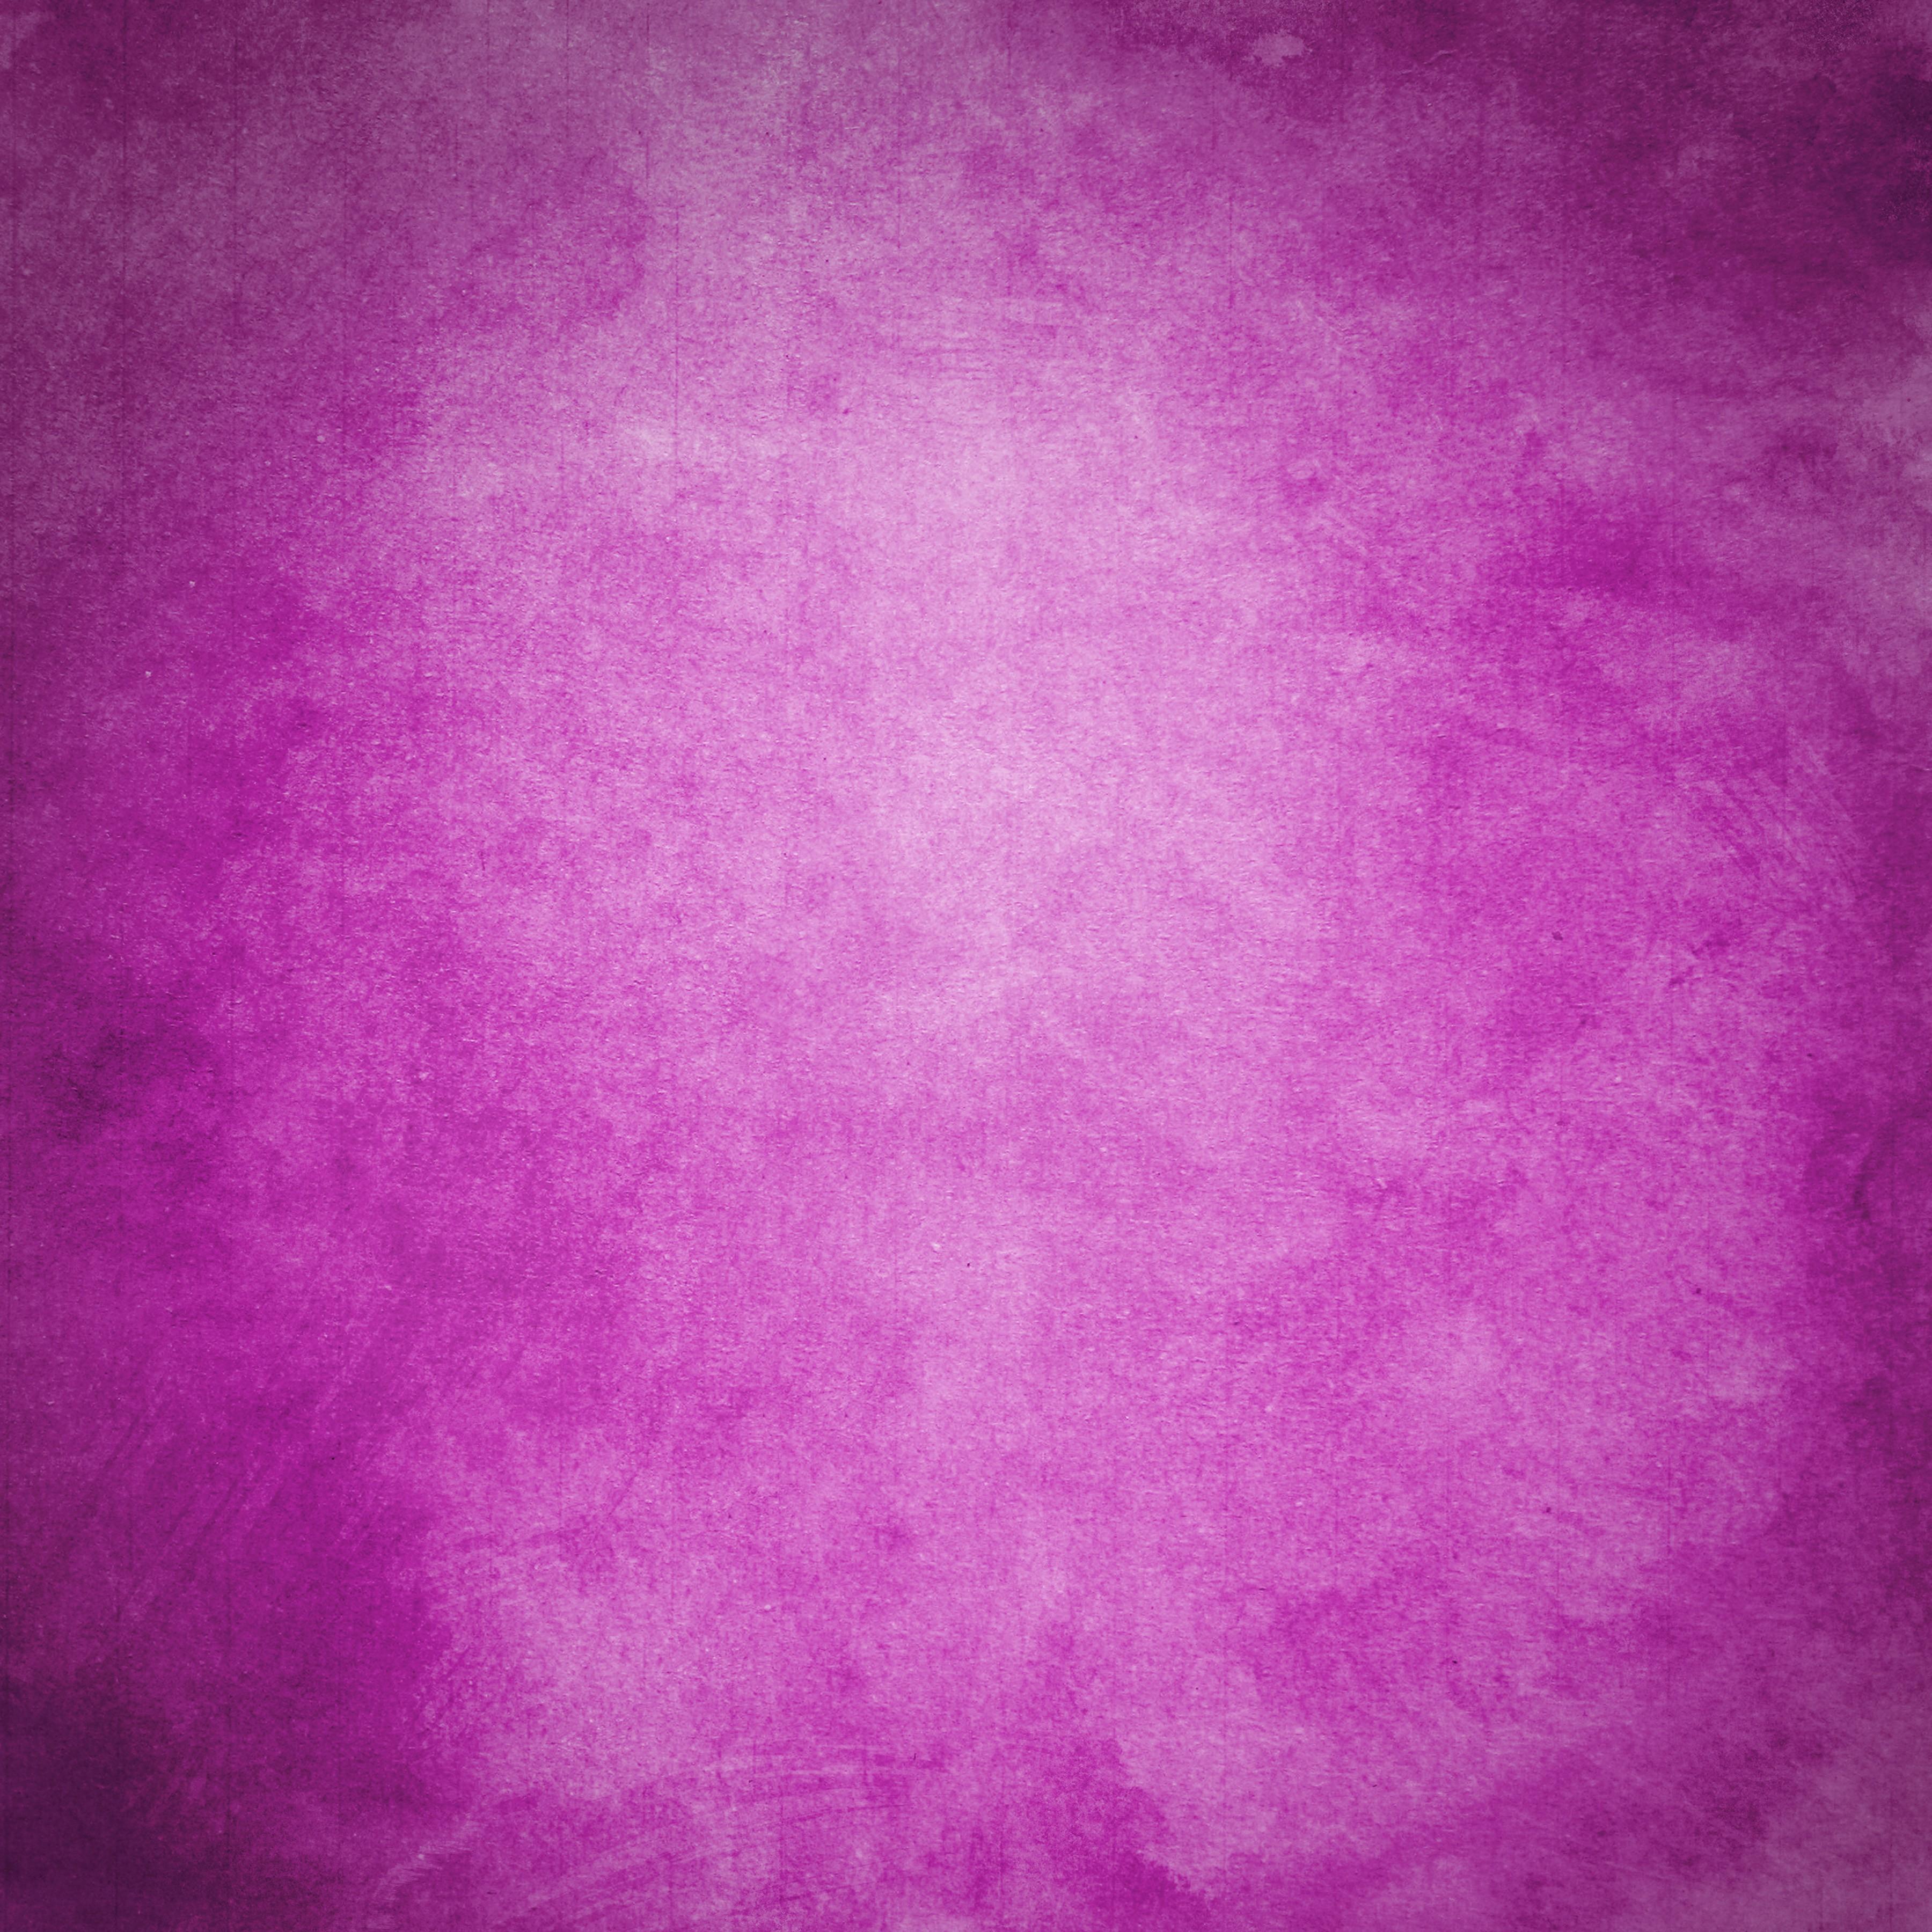 Colored Vintage Paper Texture 17 Purple